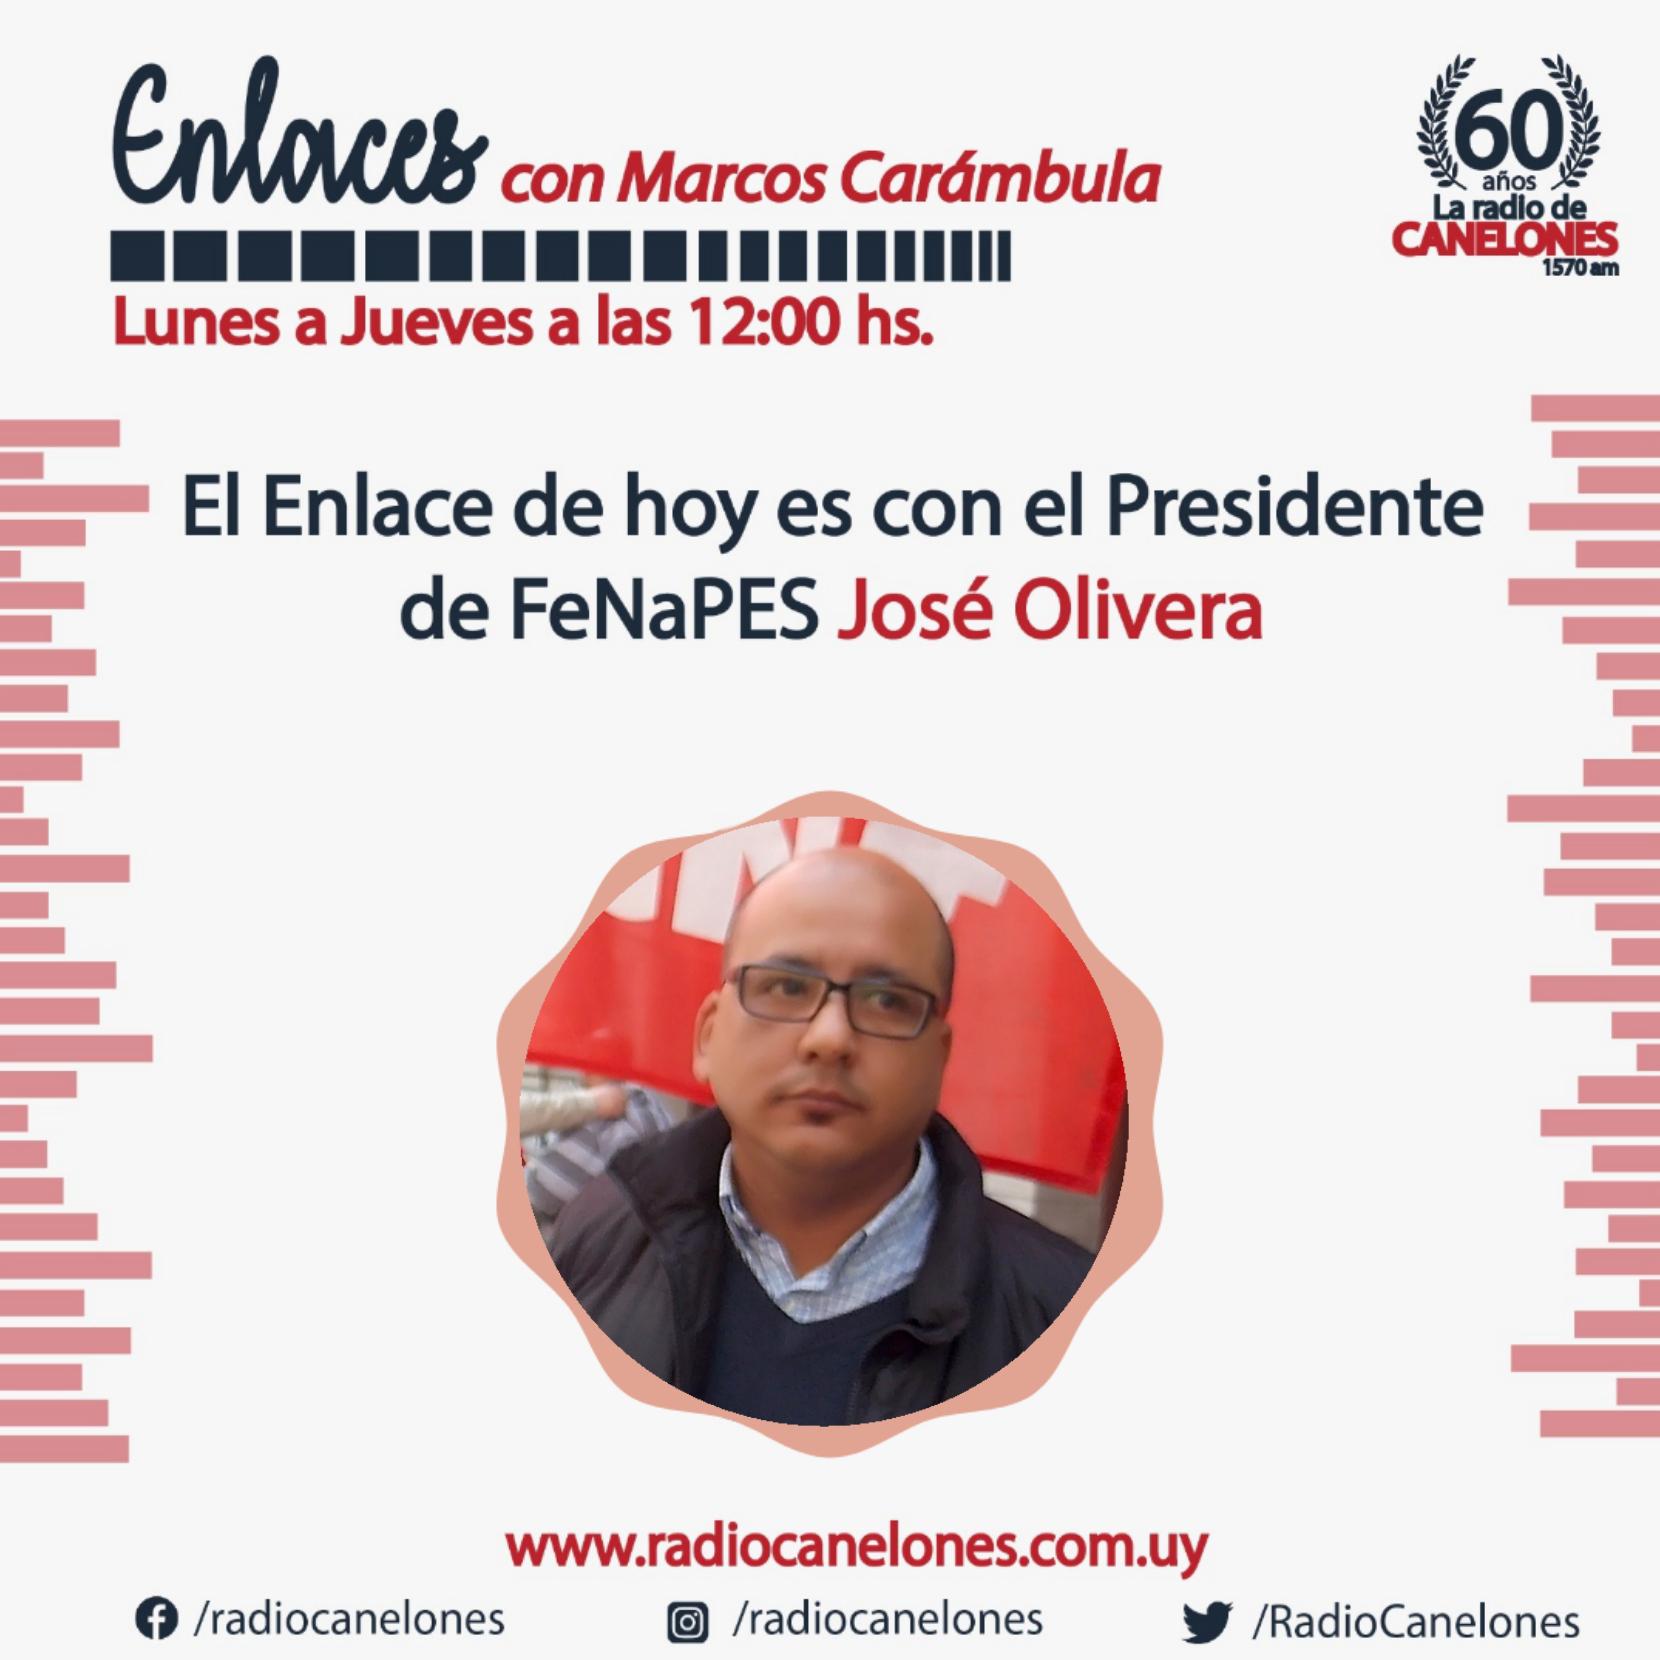 Enlaces con José Olivera, presidente de FeNaPES